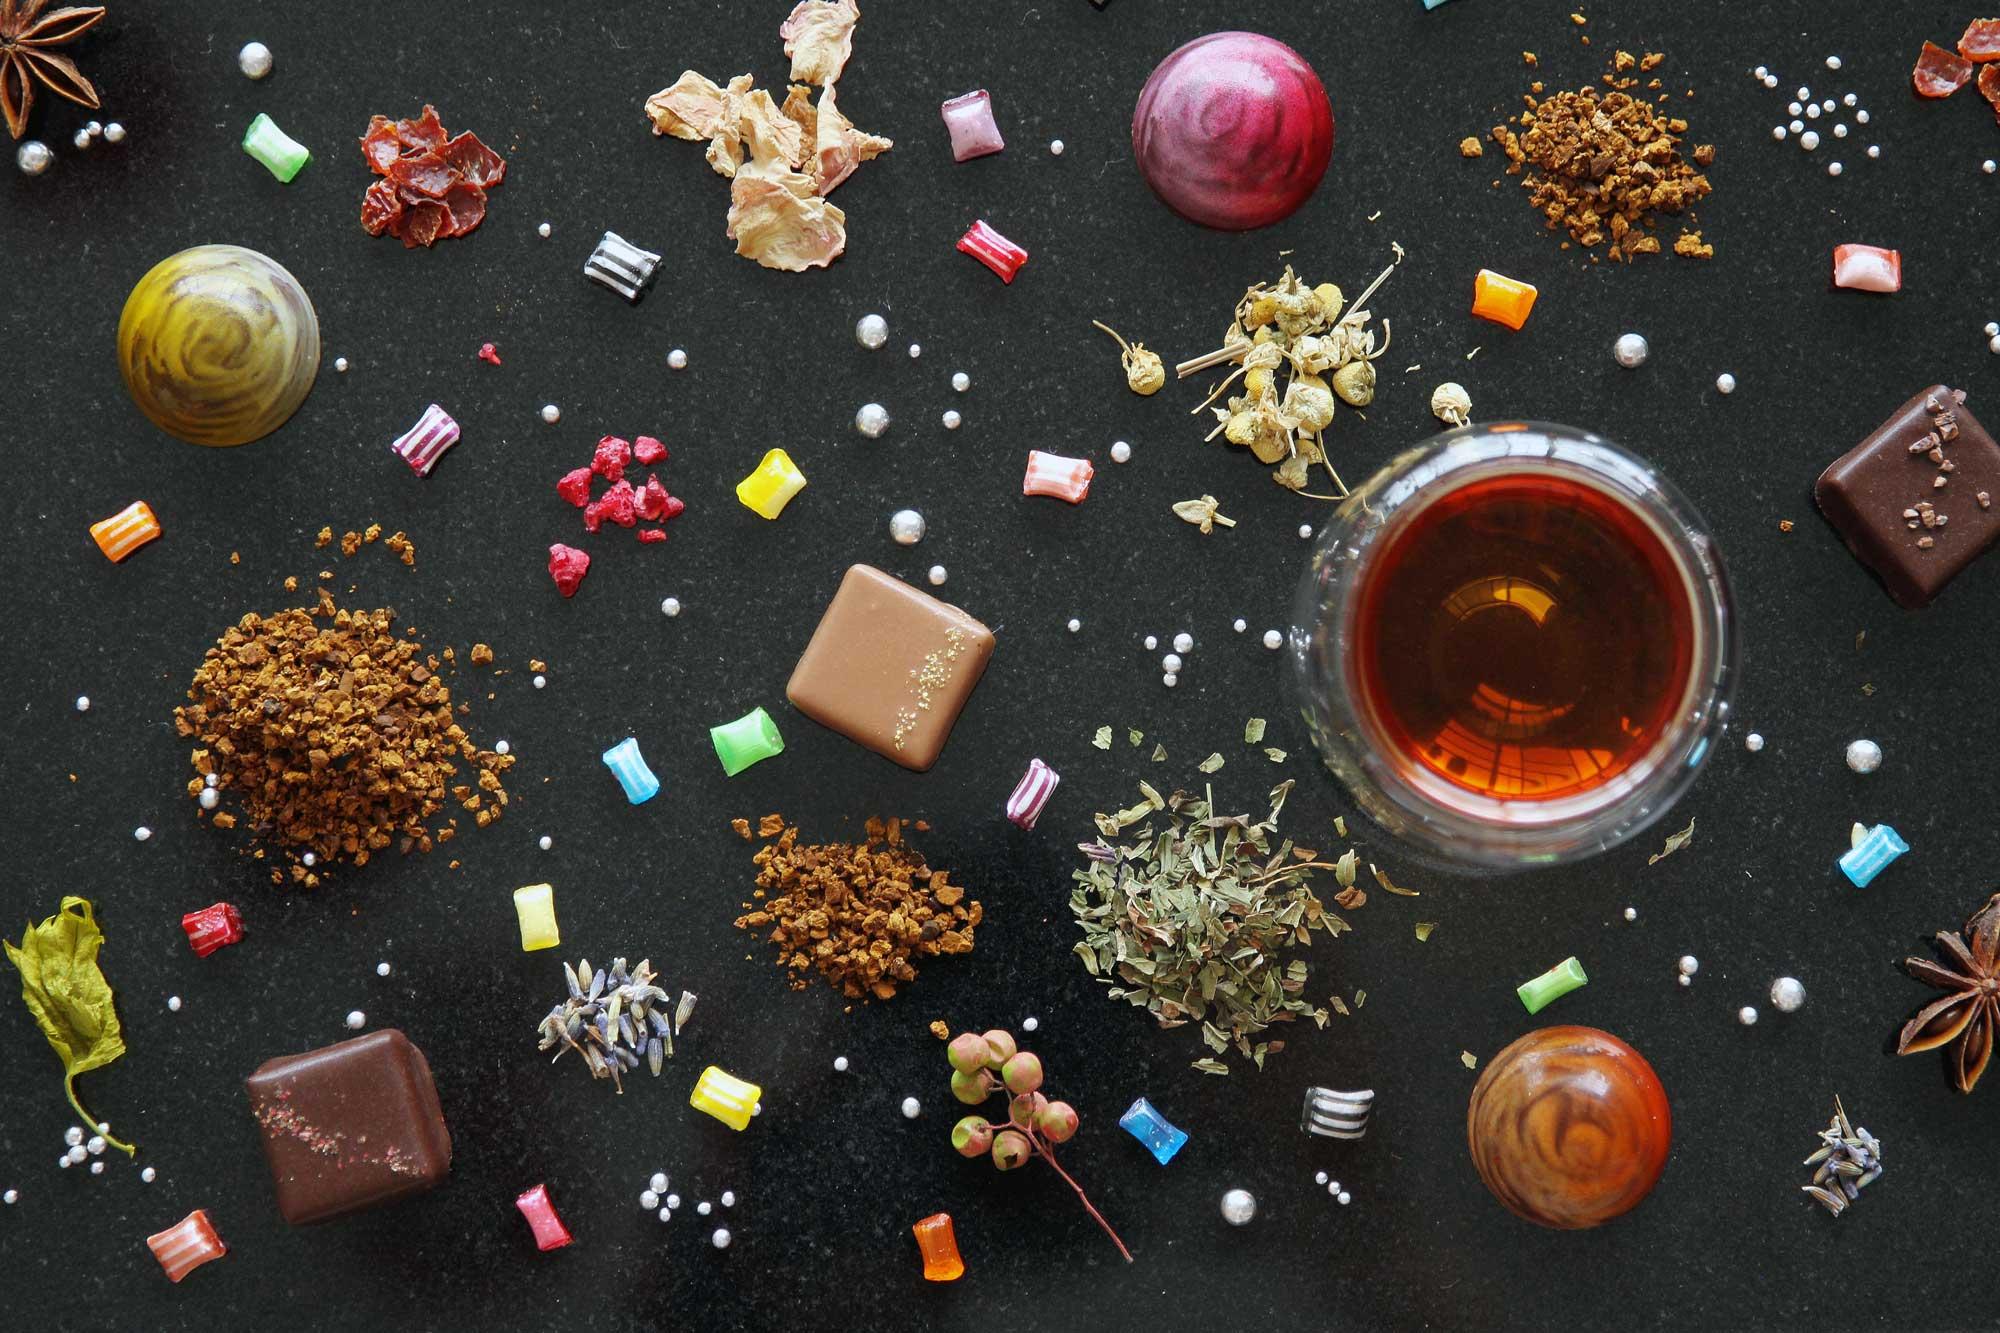 桦树茸茶 & 香草搭配